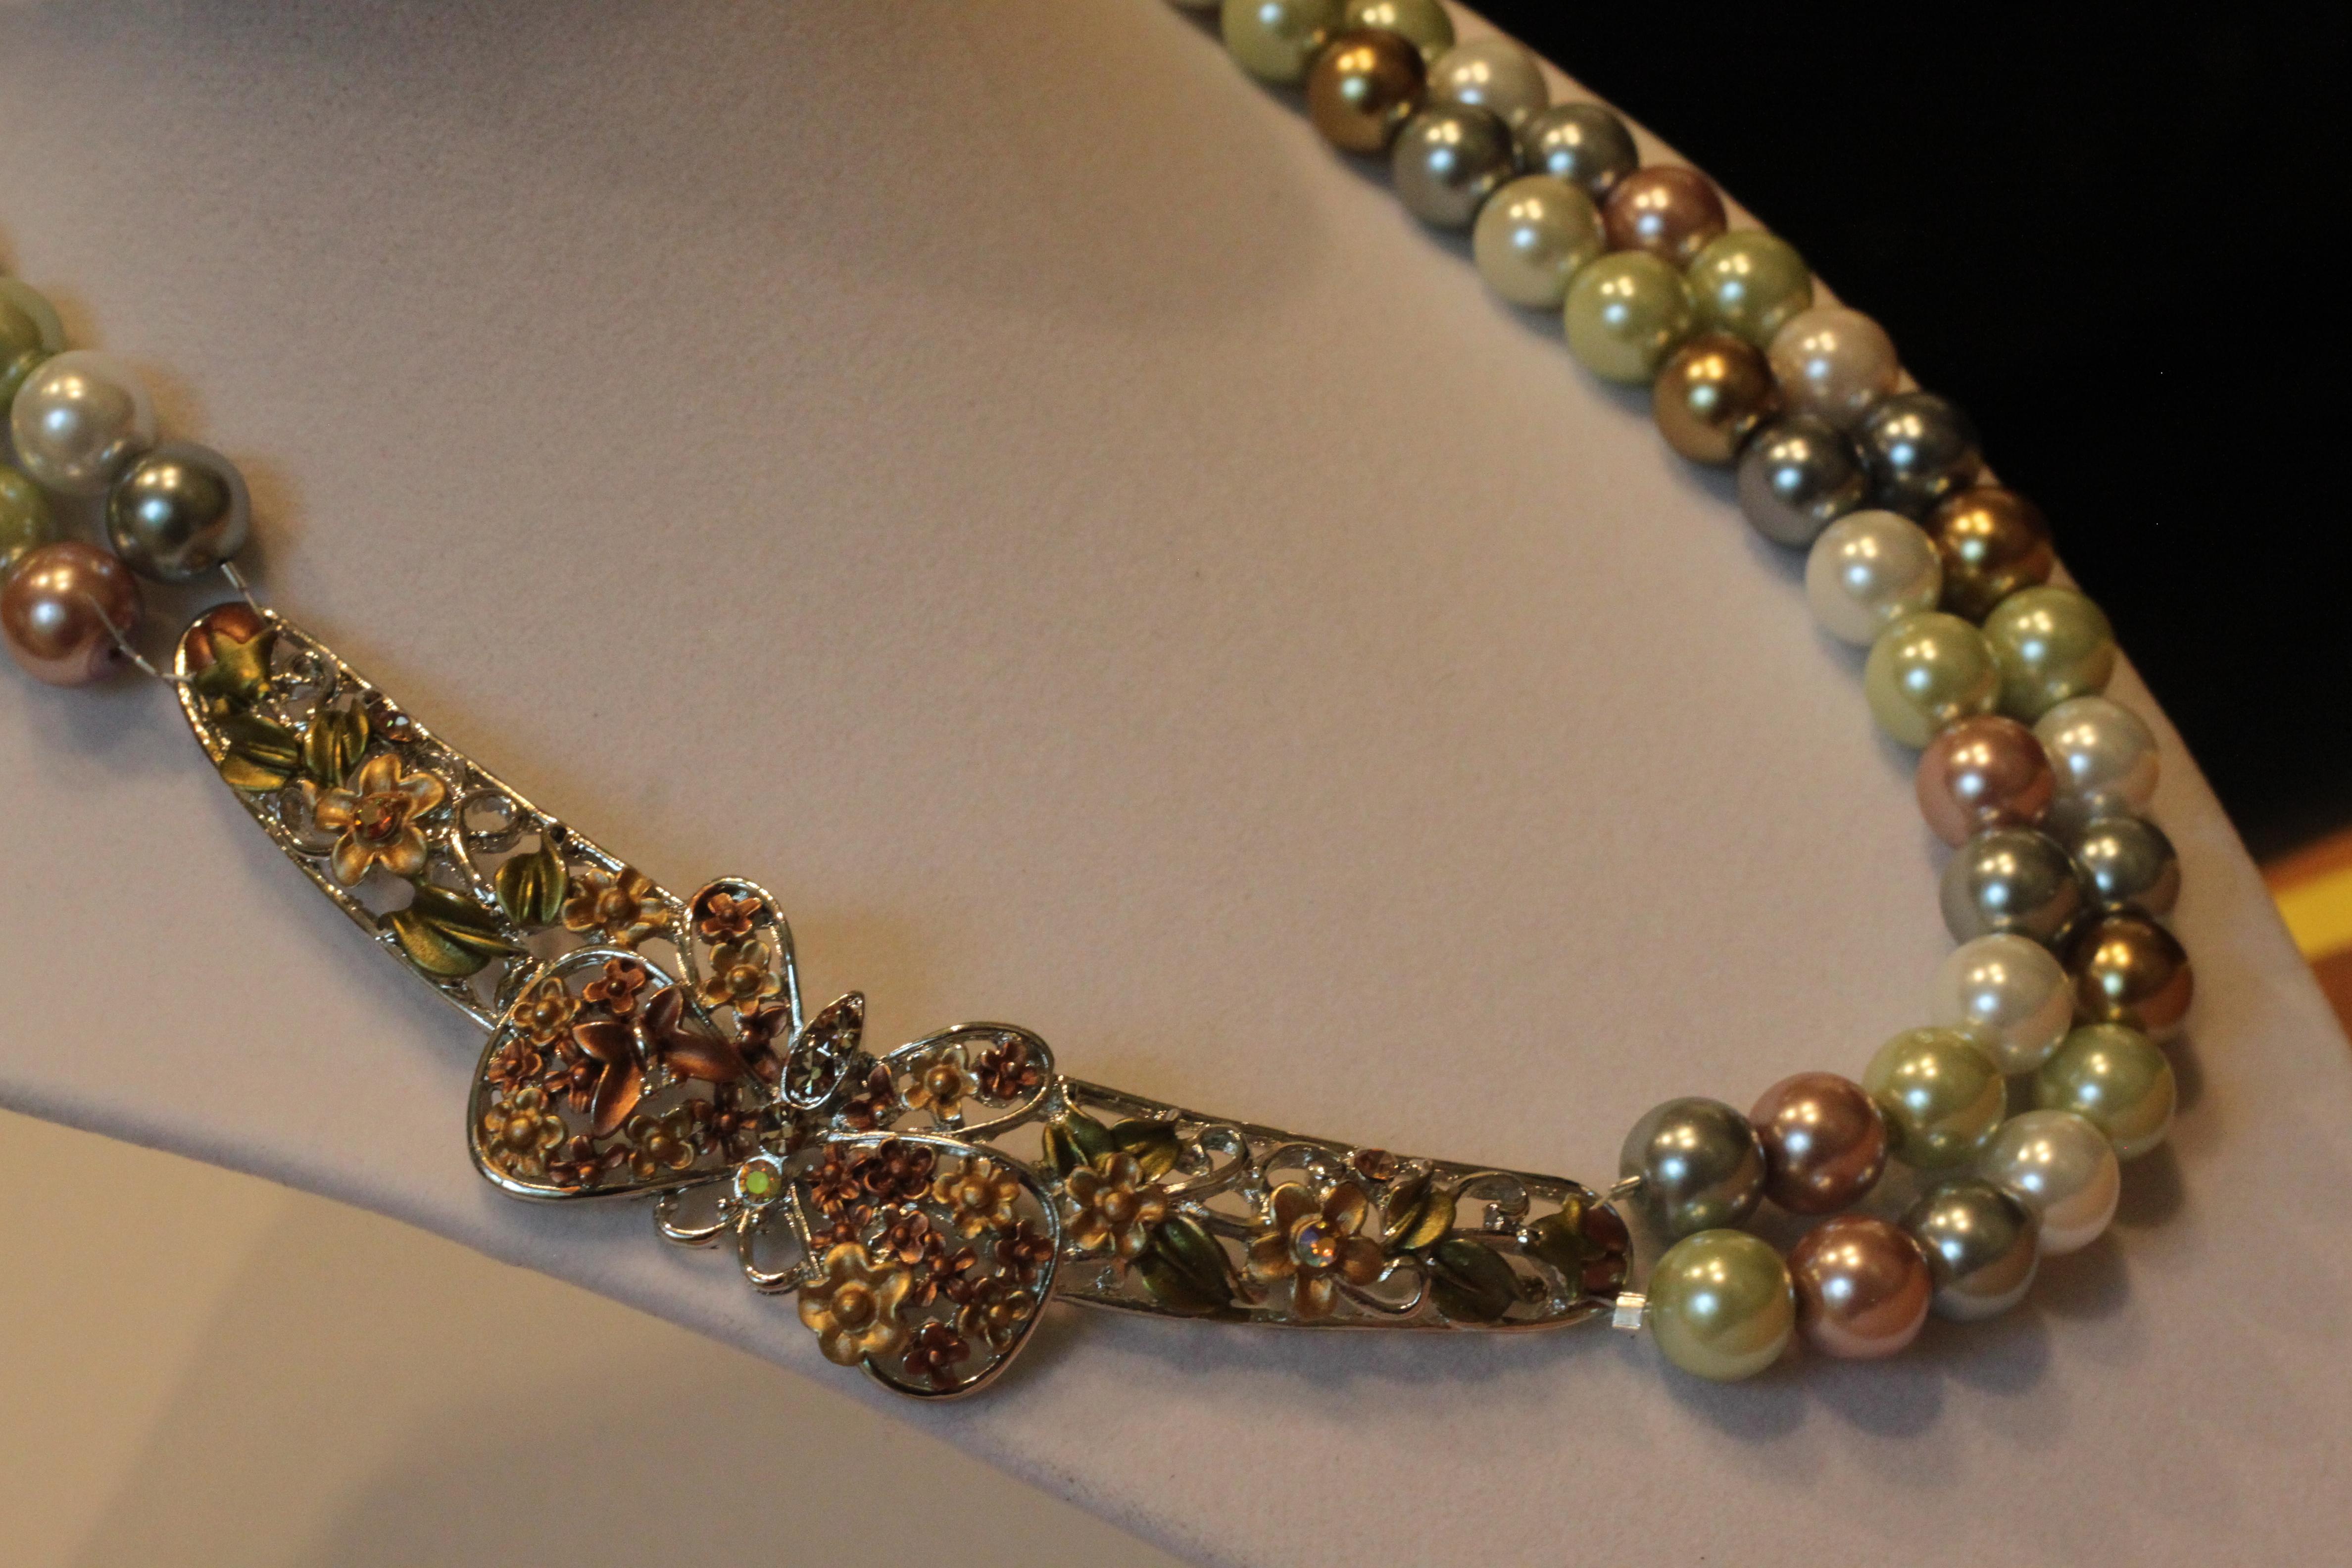 Nekclace pearl glass butterfly